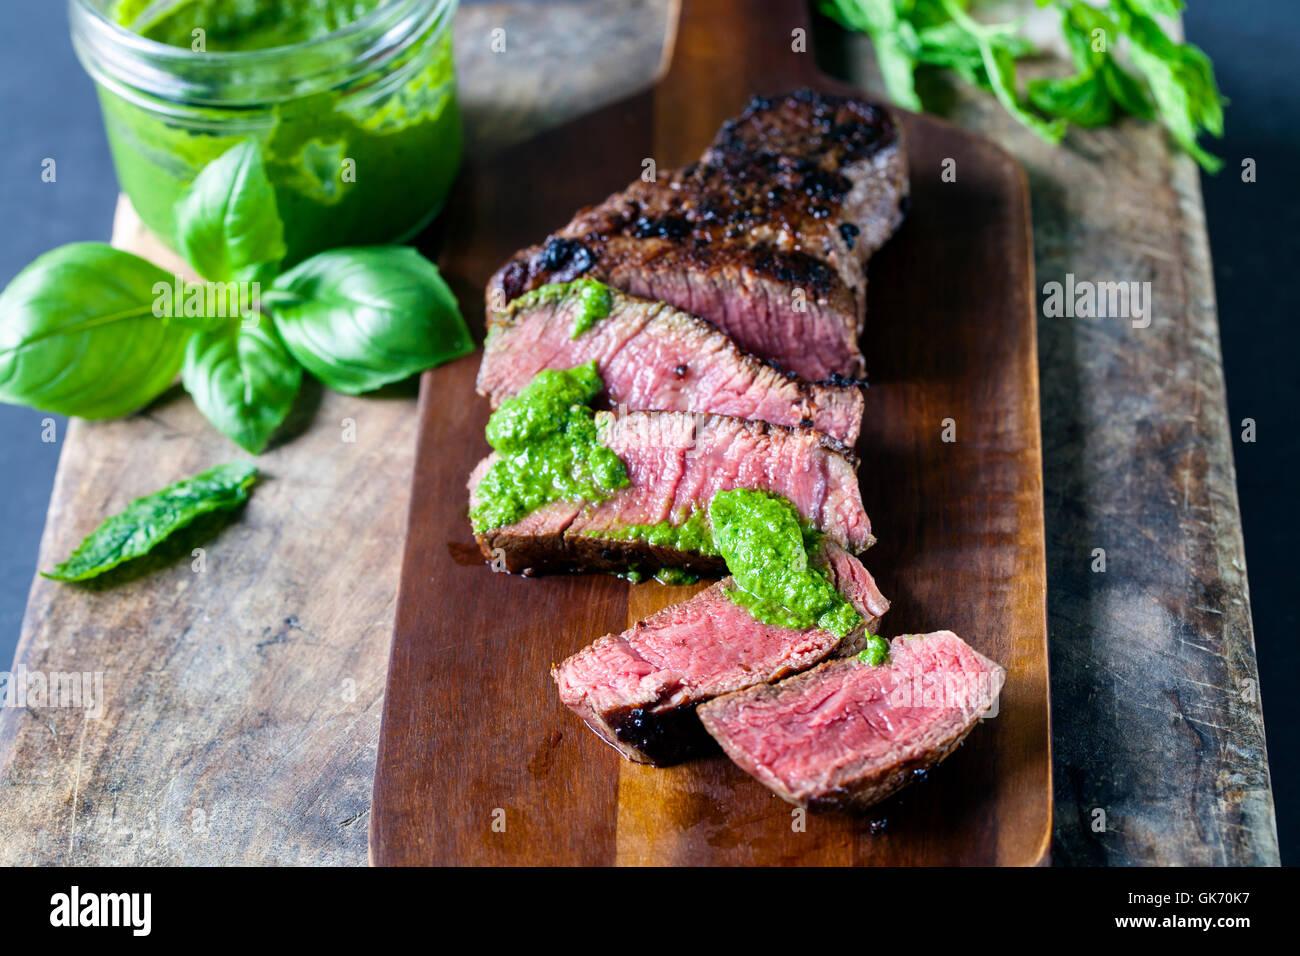 Fillet steak with salsa verde - Stock Image